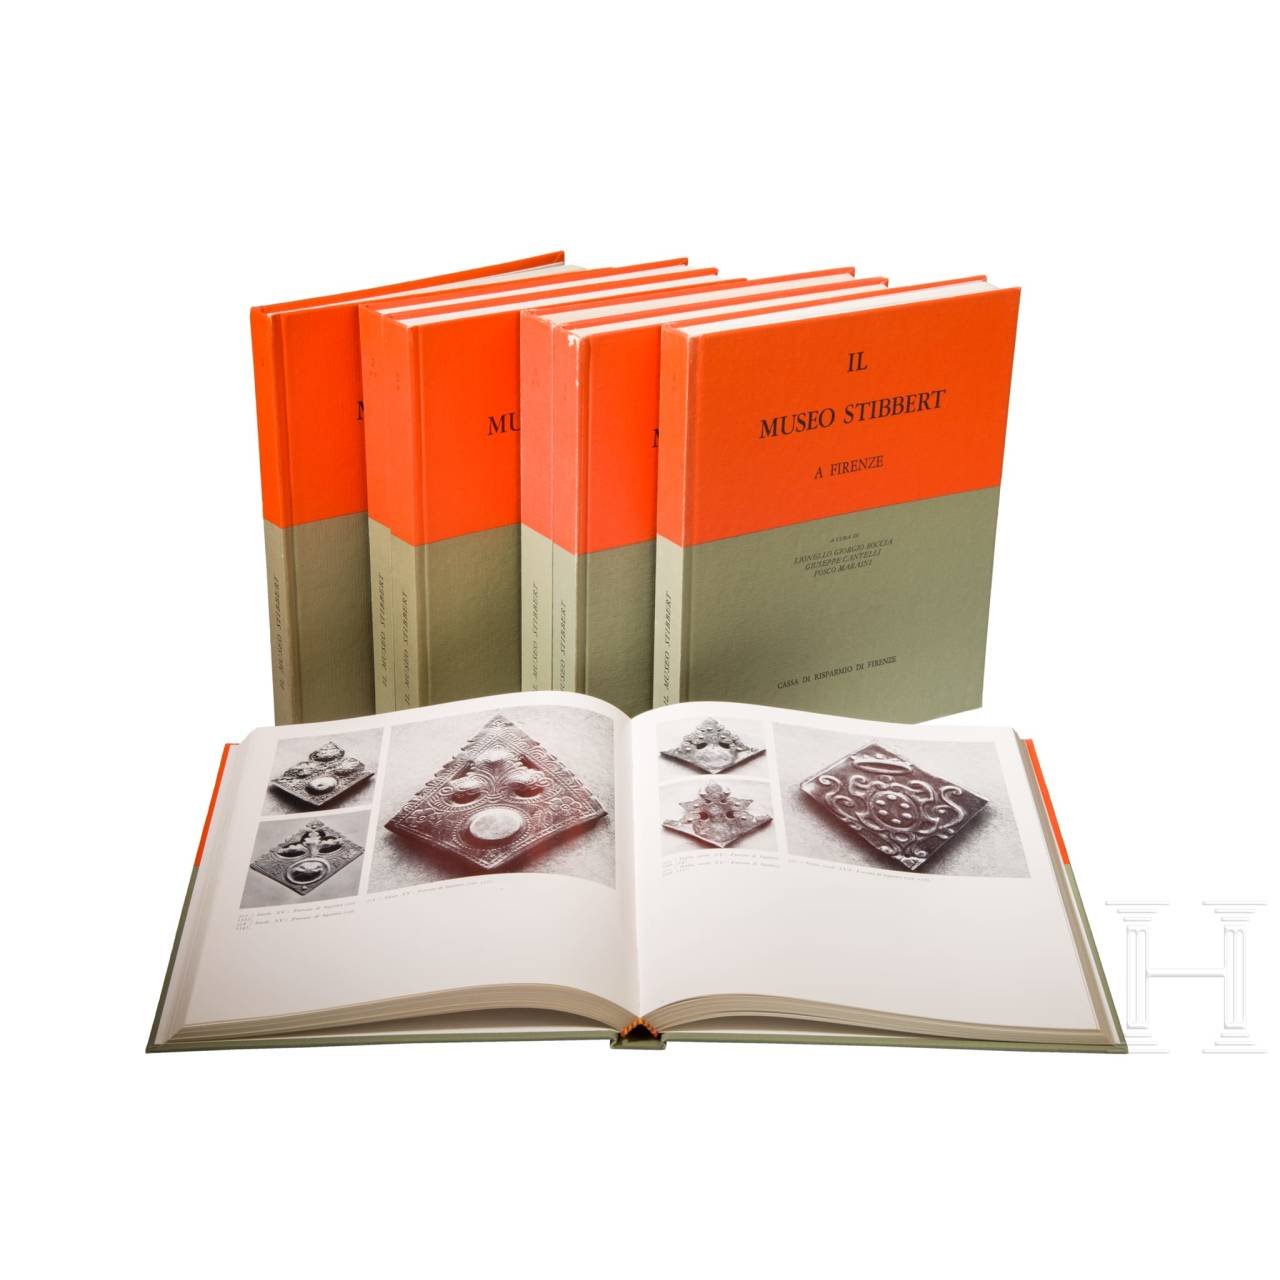 """""""Il Museo Stibbert"""", komplette Ausgabe in 7 Bd. mit Schuber, Florenz, 1975"""